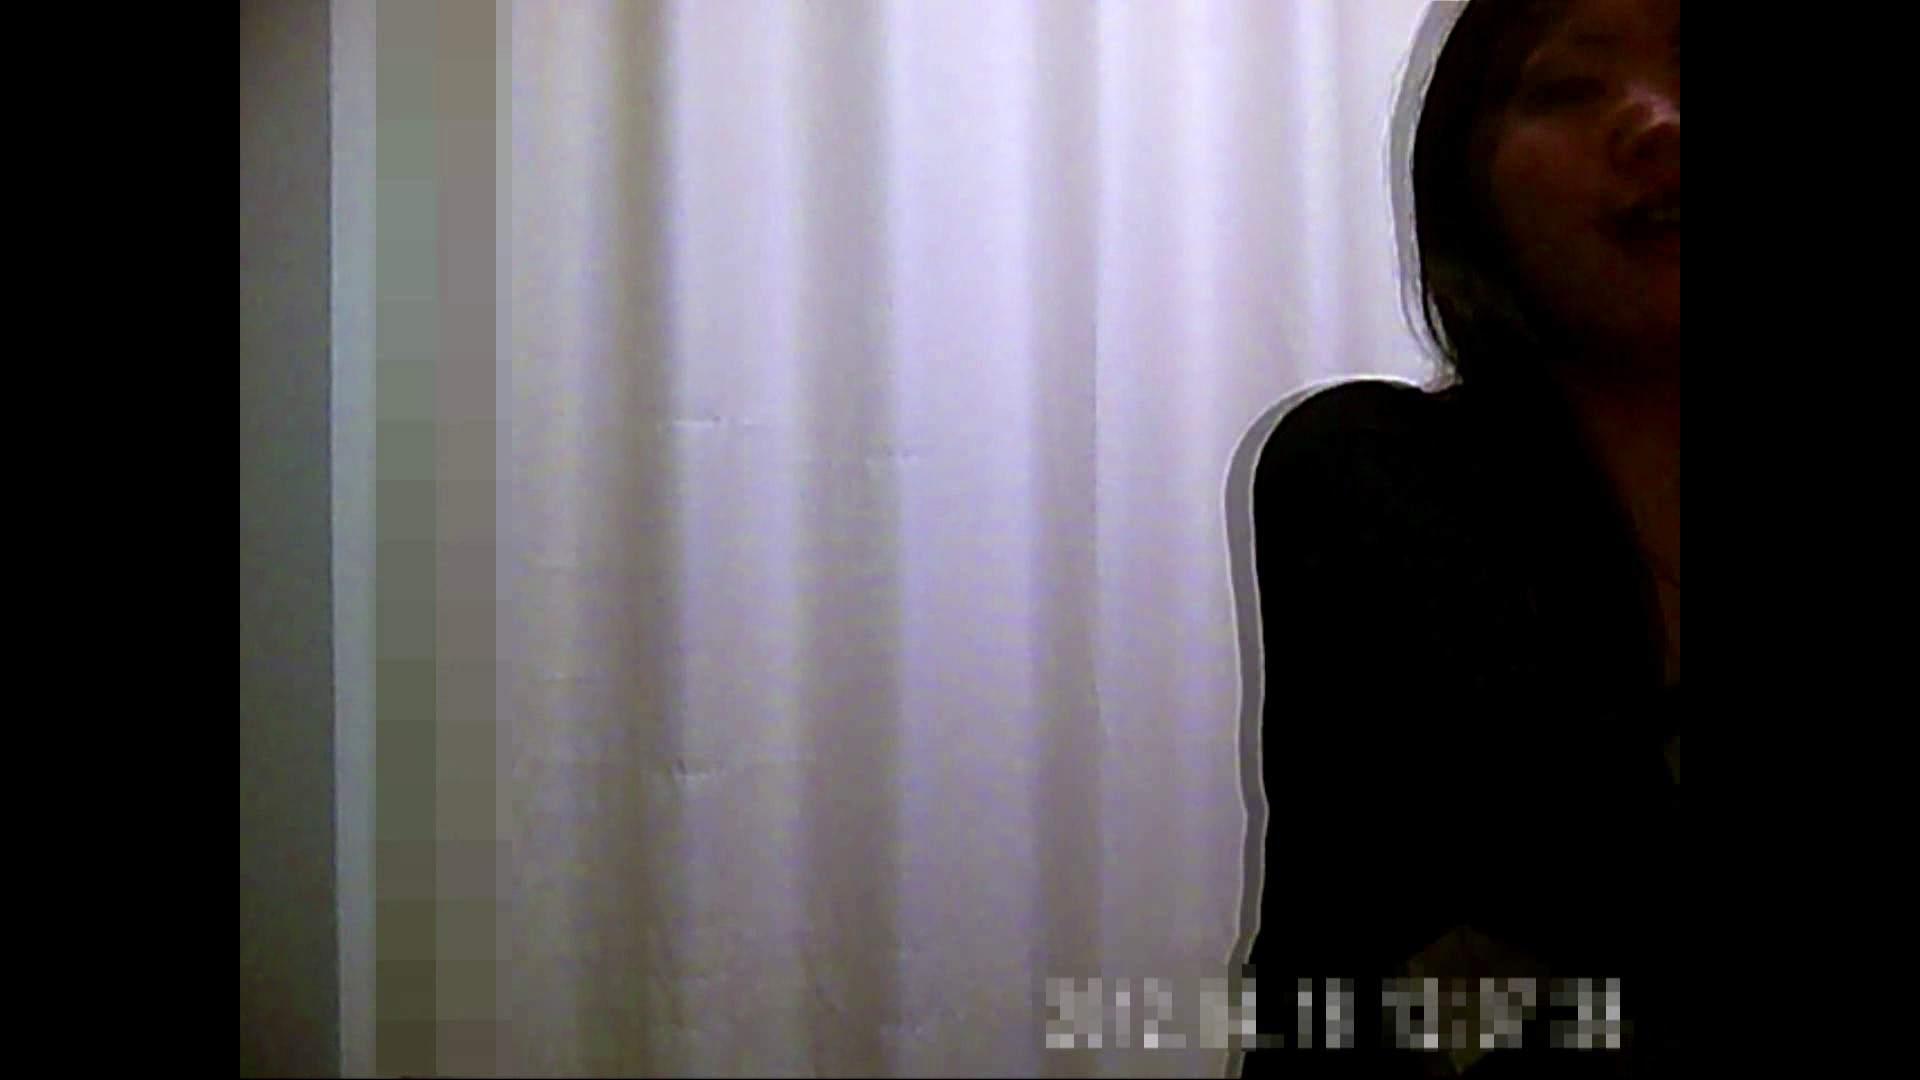 元医者による反抗 更衣室地獄絵巻 vol.015 エッチなお姉さん オマンコ無修正動画無料 105画像 26